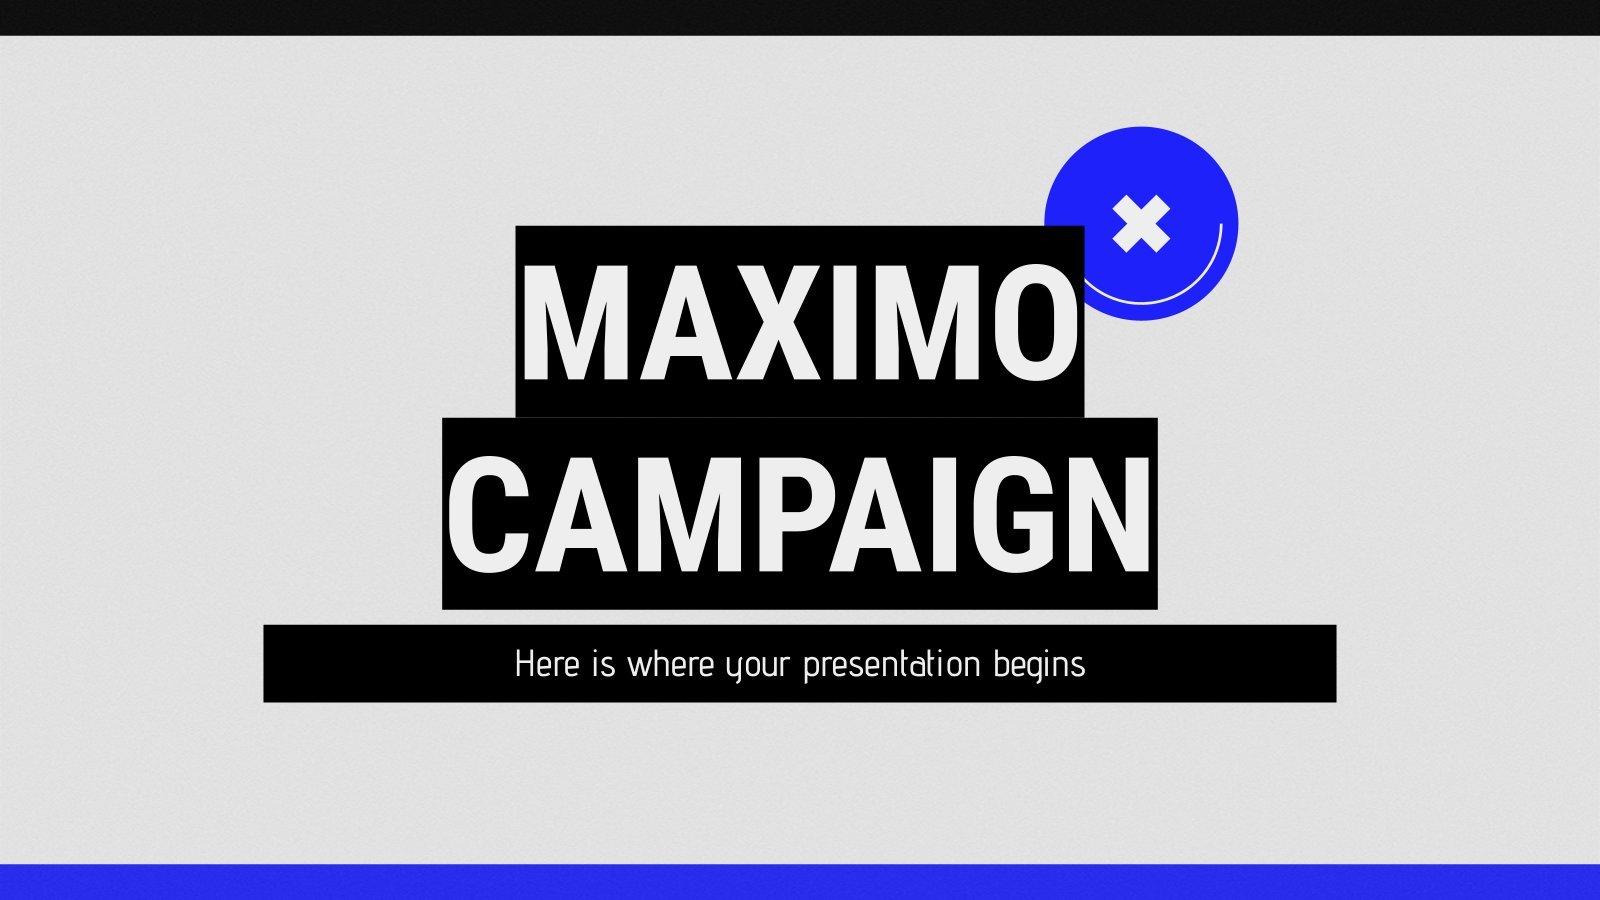 Campagne Maximo : Modèles de présentation